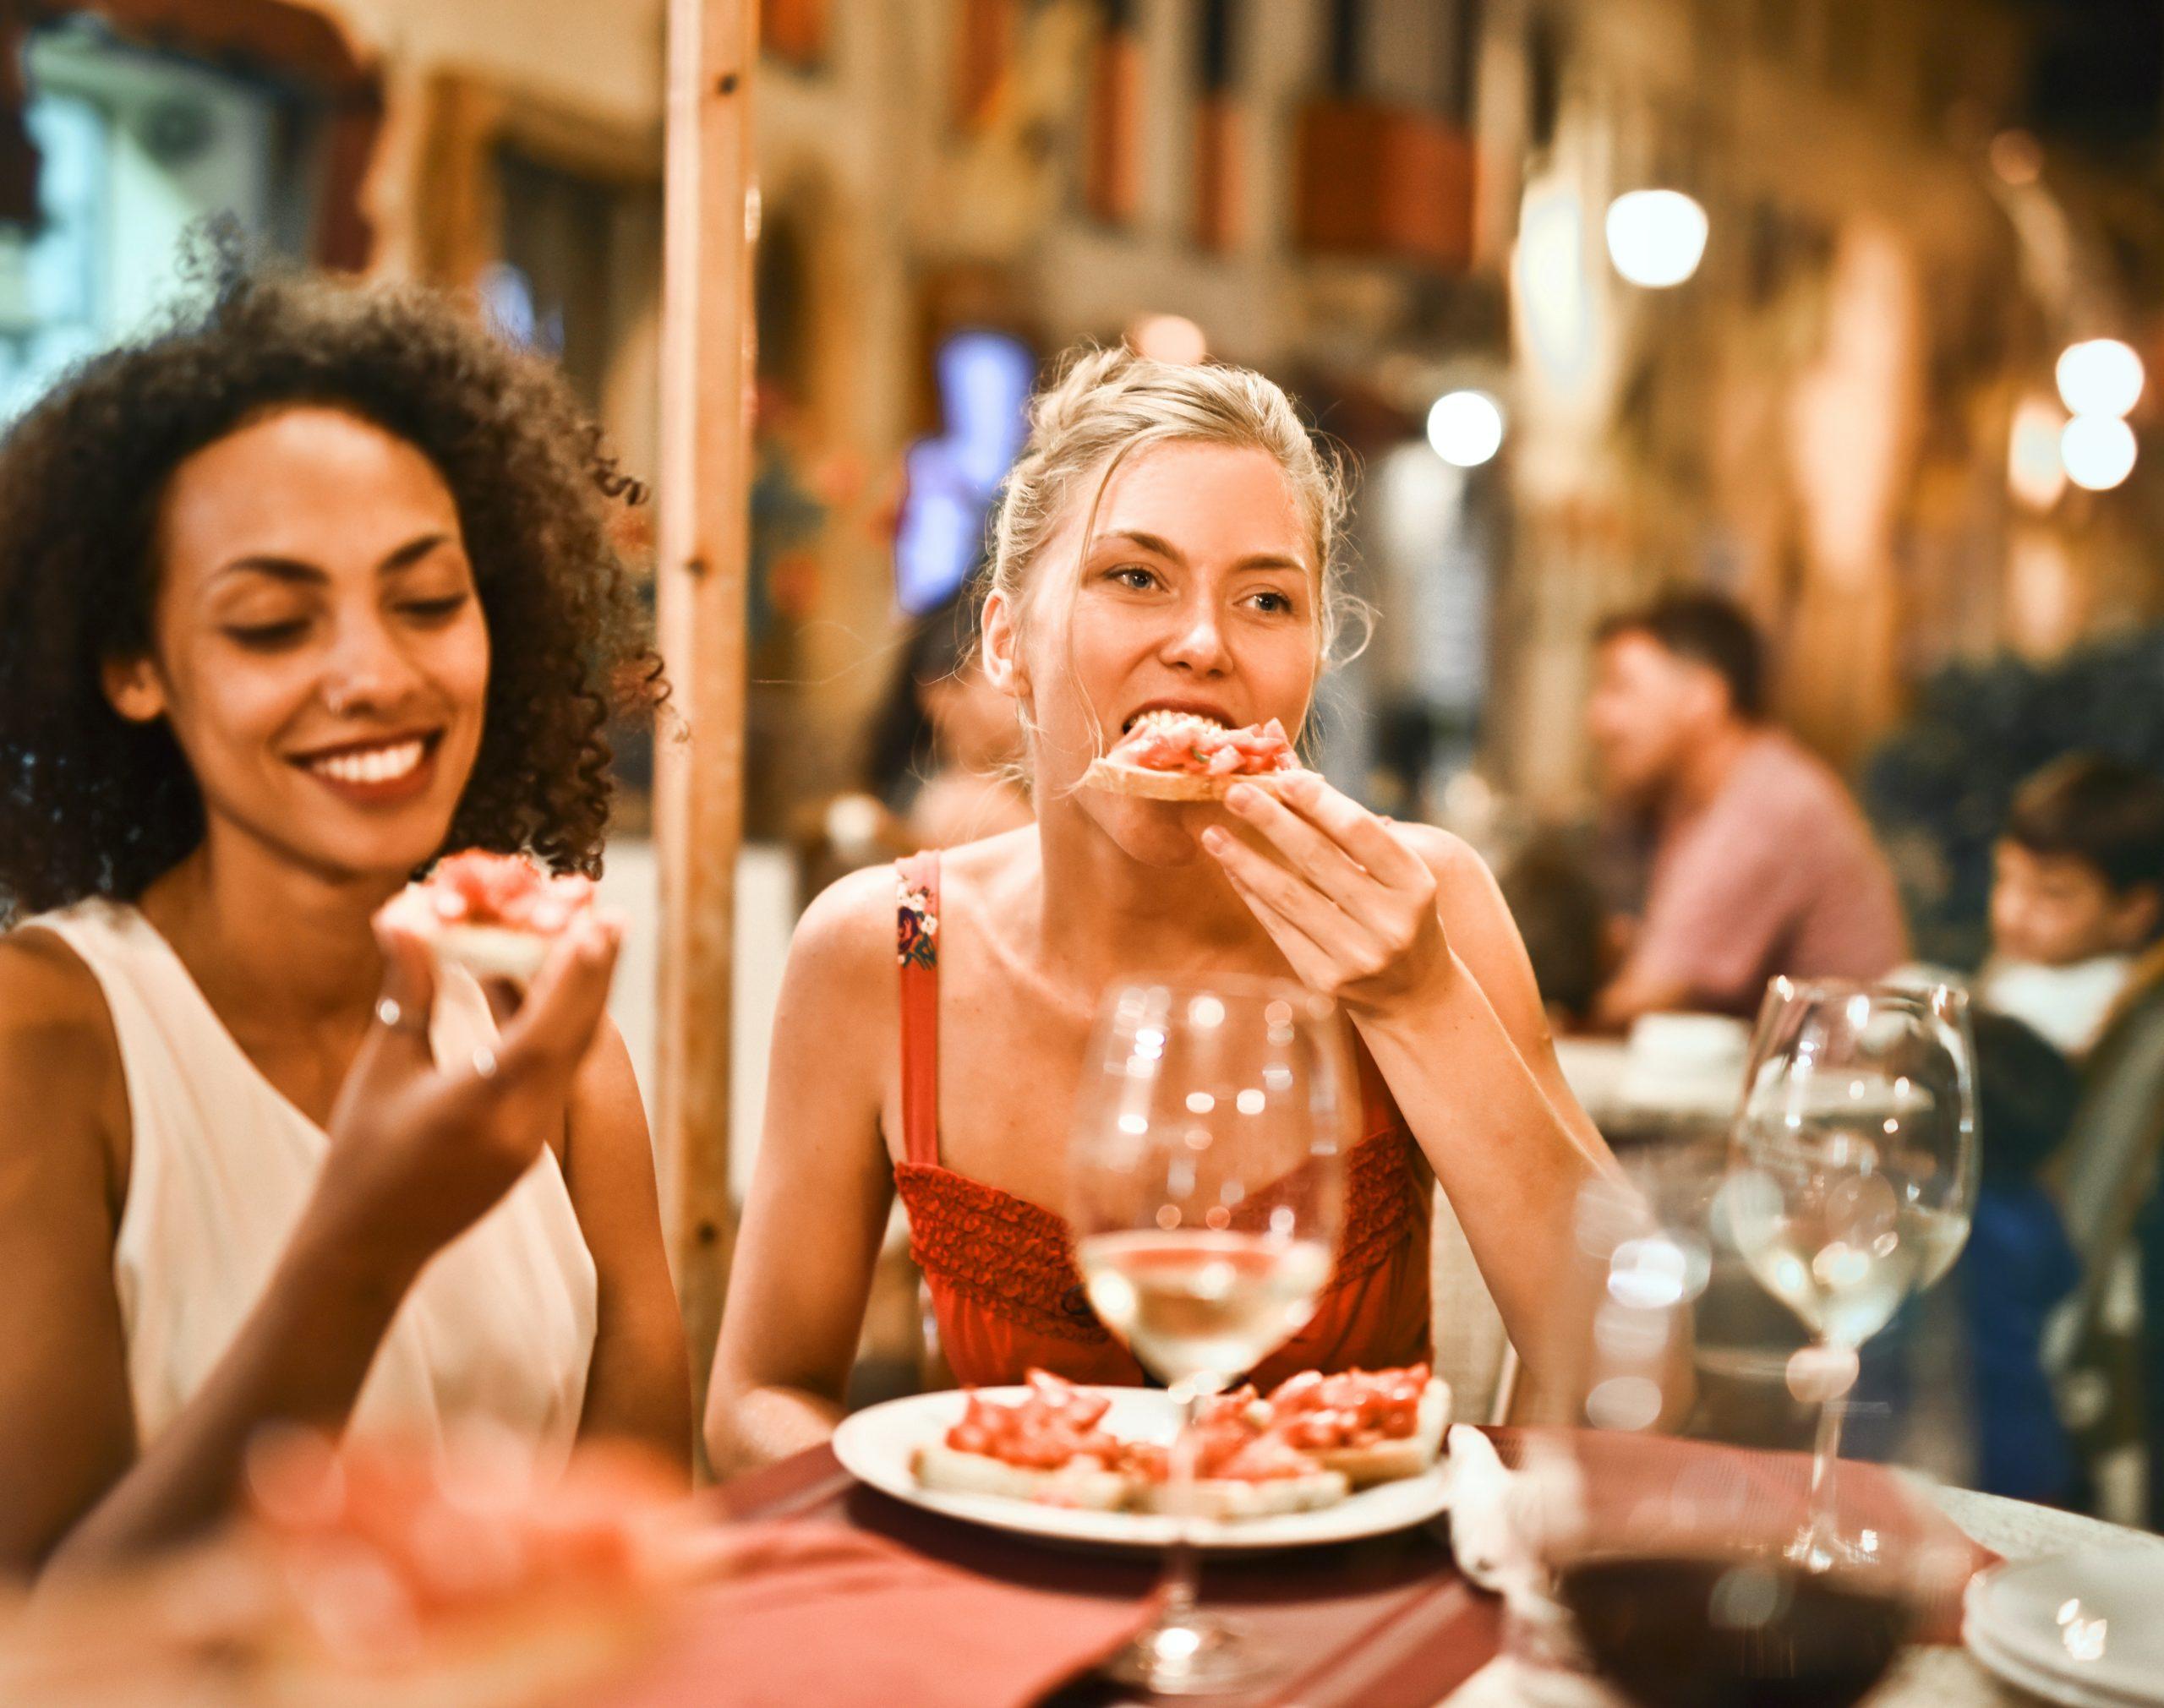 Na foto duas mulheres comendo em um restaurante.